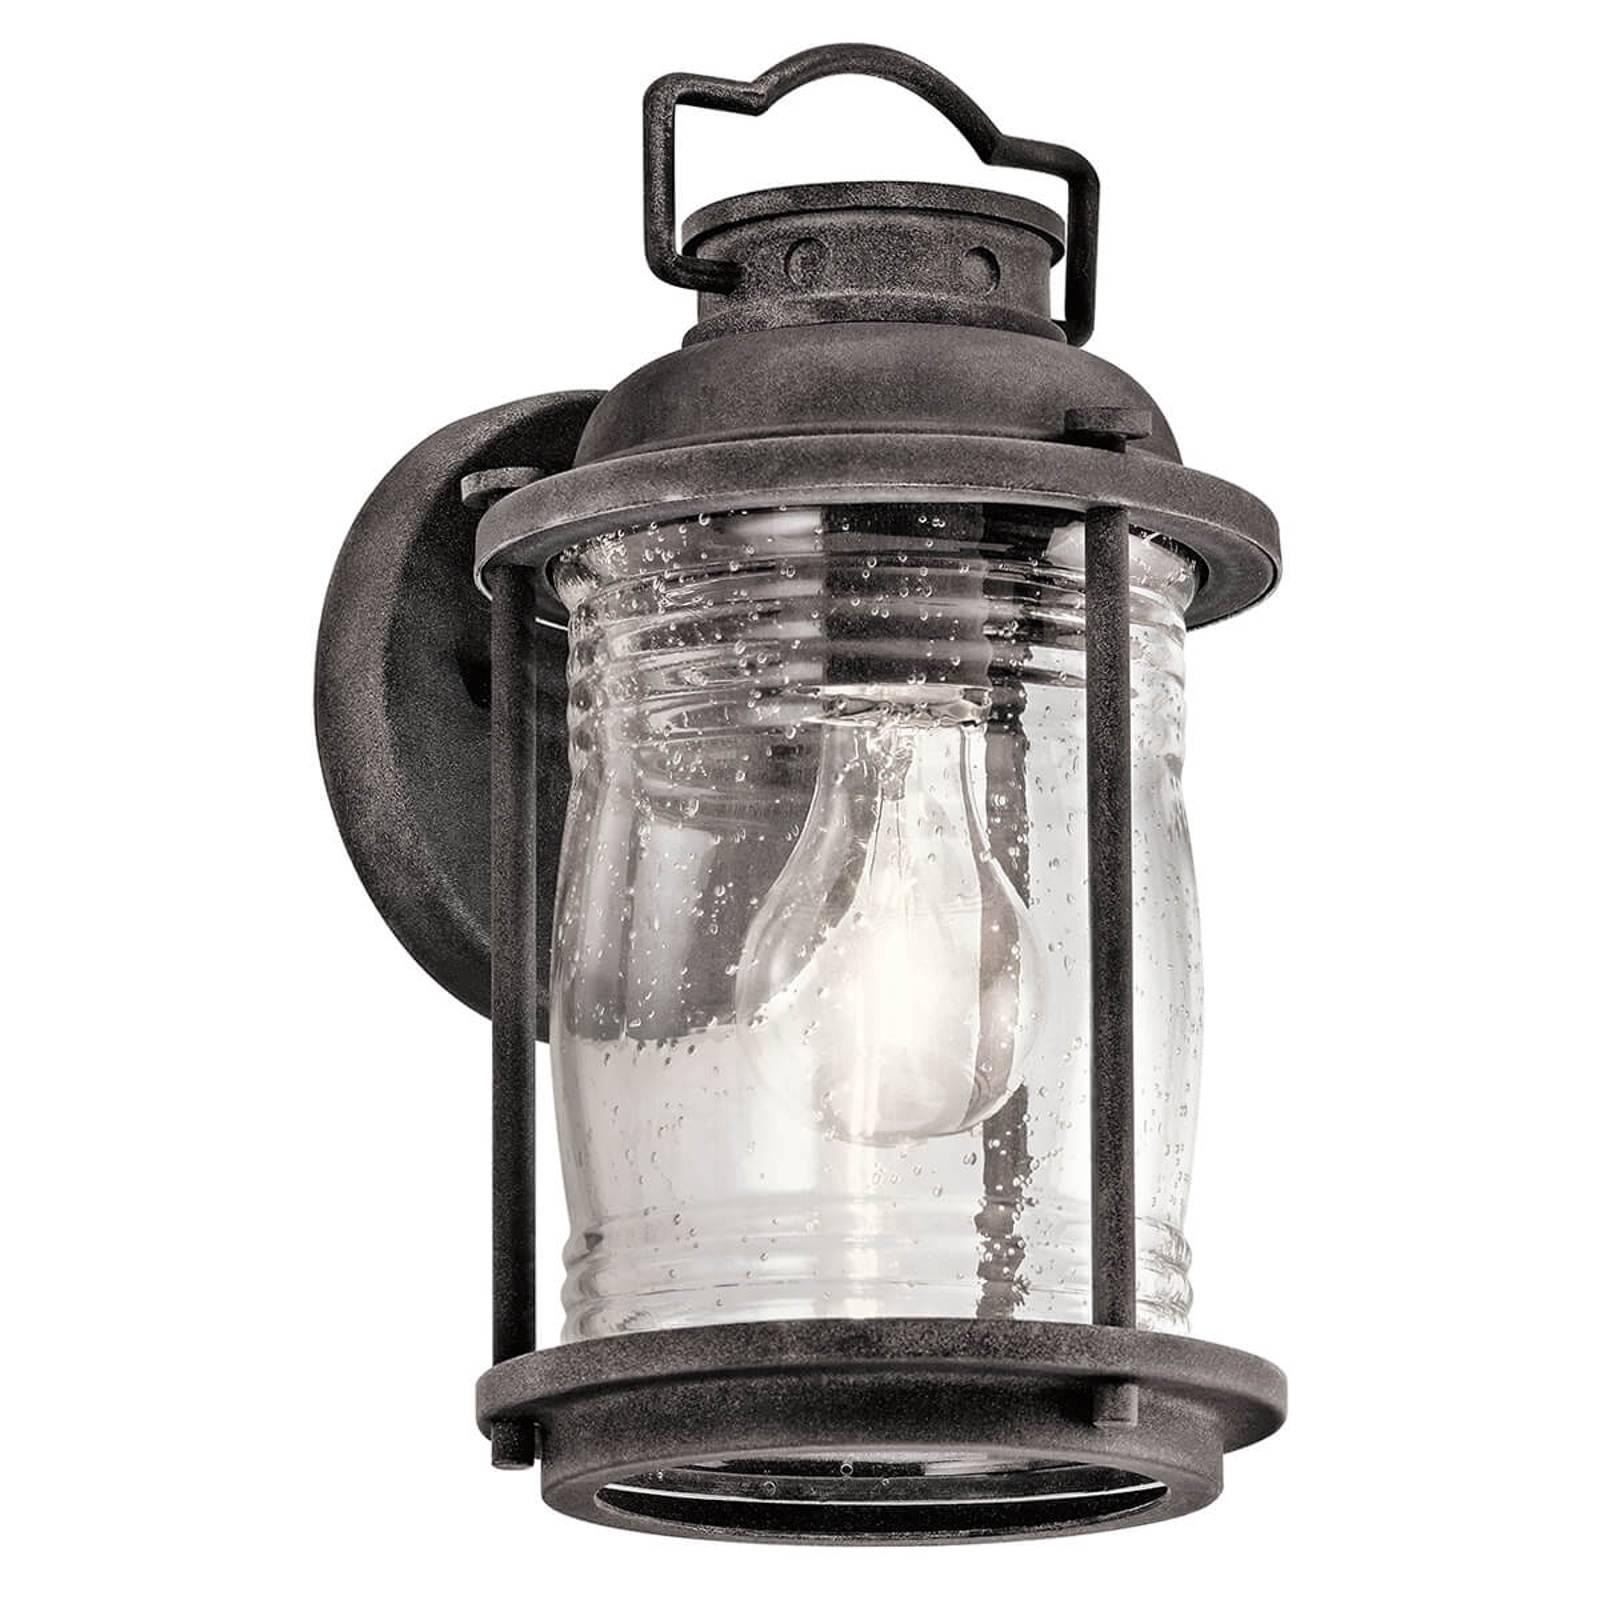 Jak latarnia – lampa zewnętrzna Ashland Bay